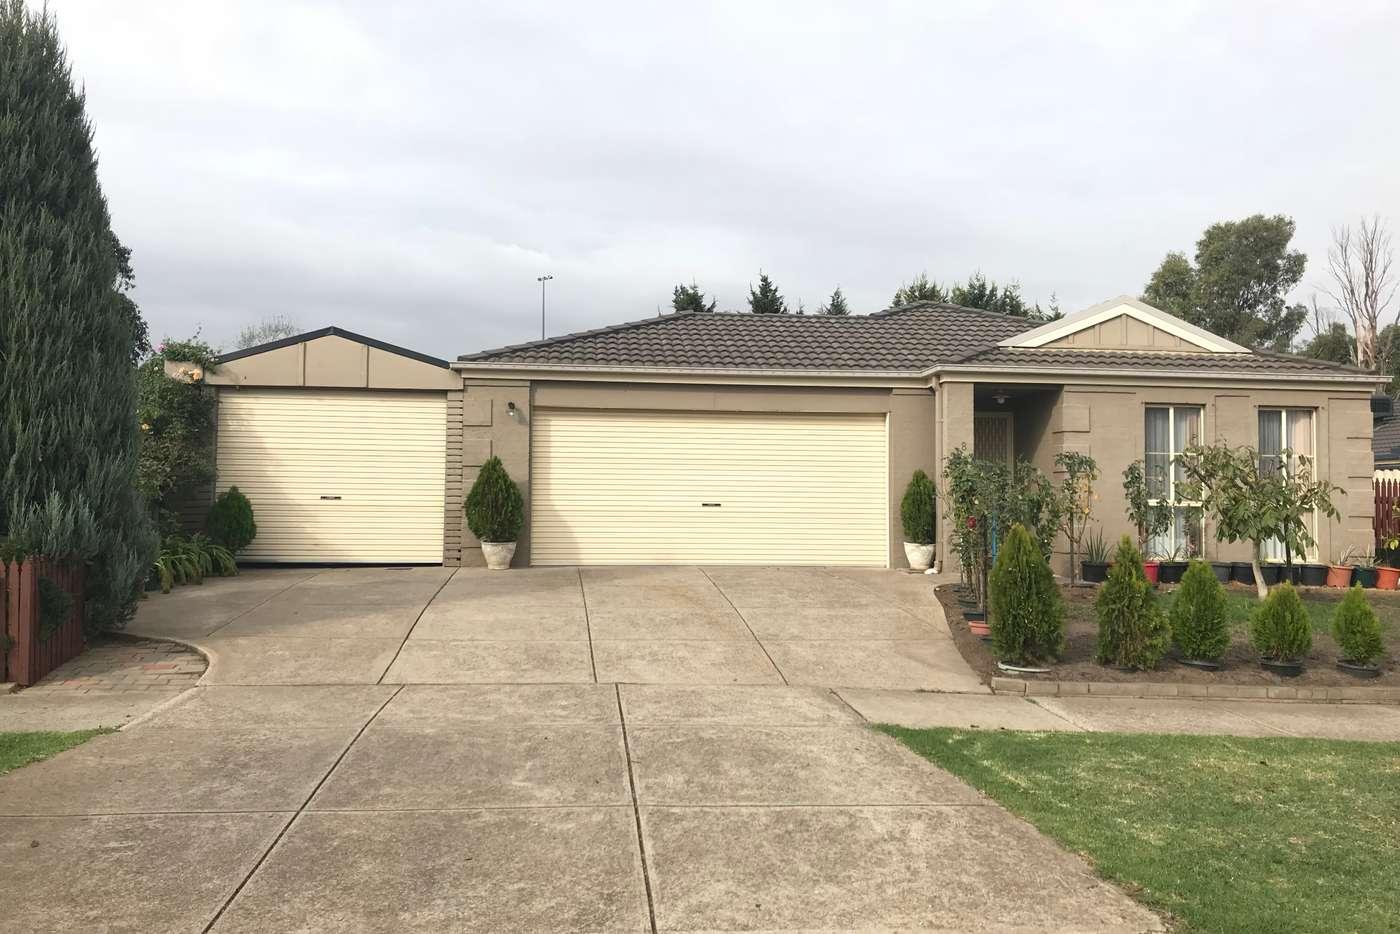 Main view of Homely house listing, 8 Lyons Way, Wallan VIC 3756